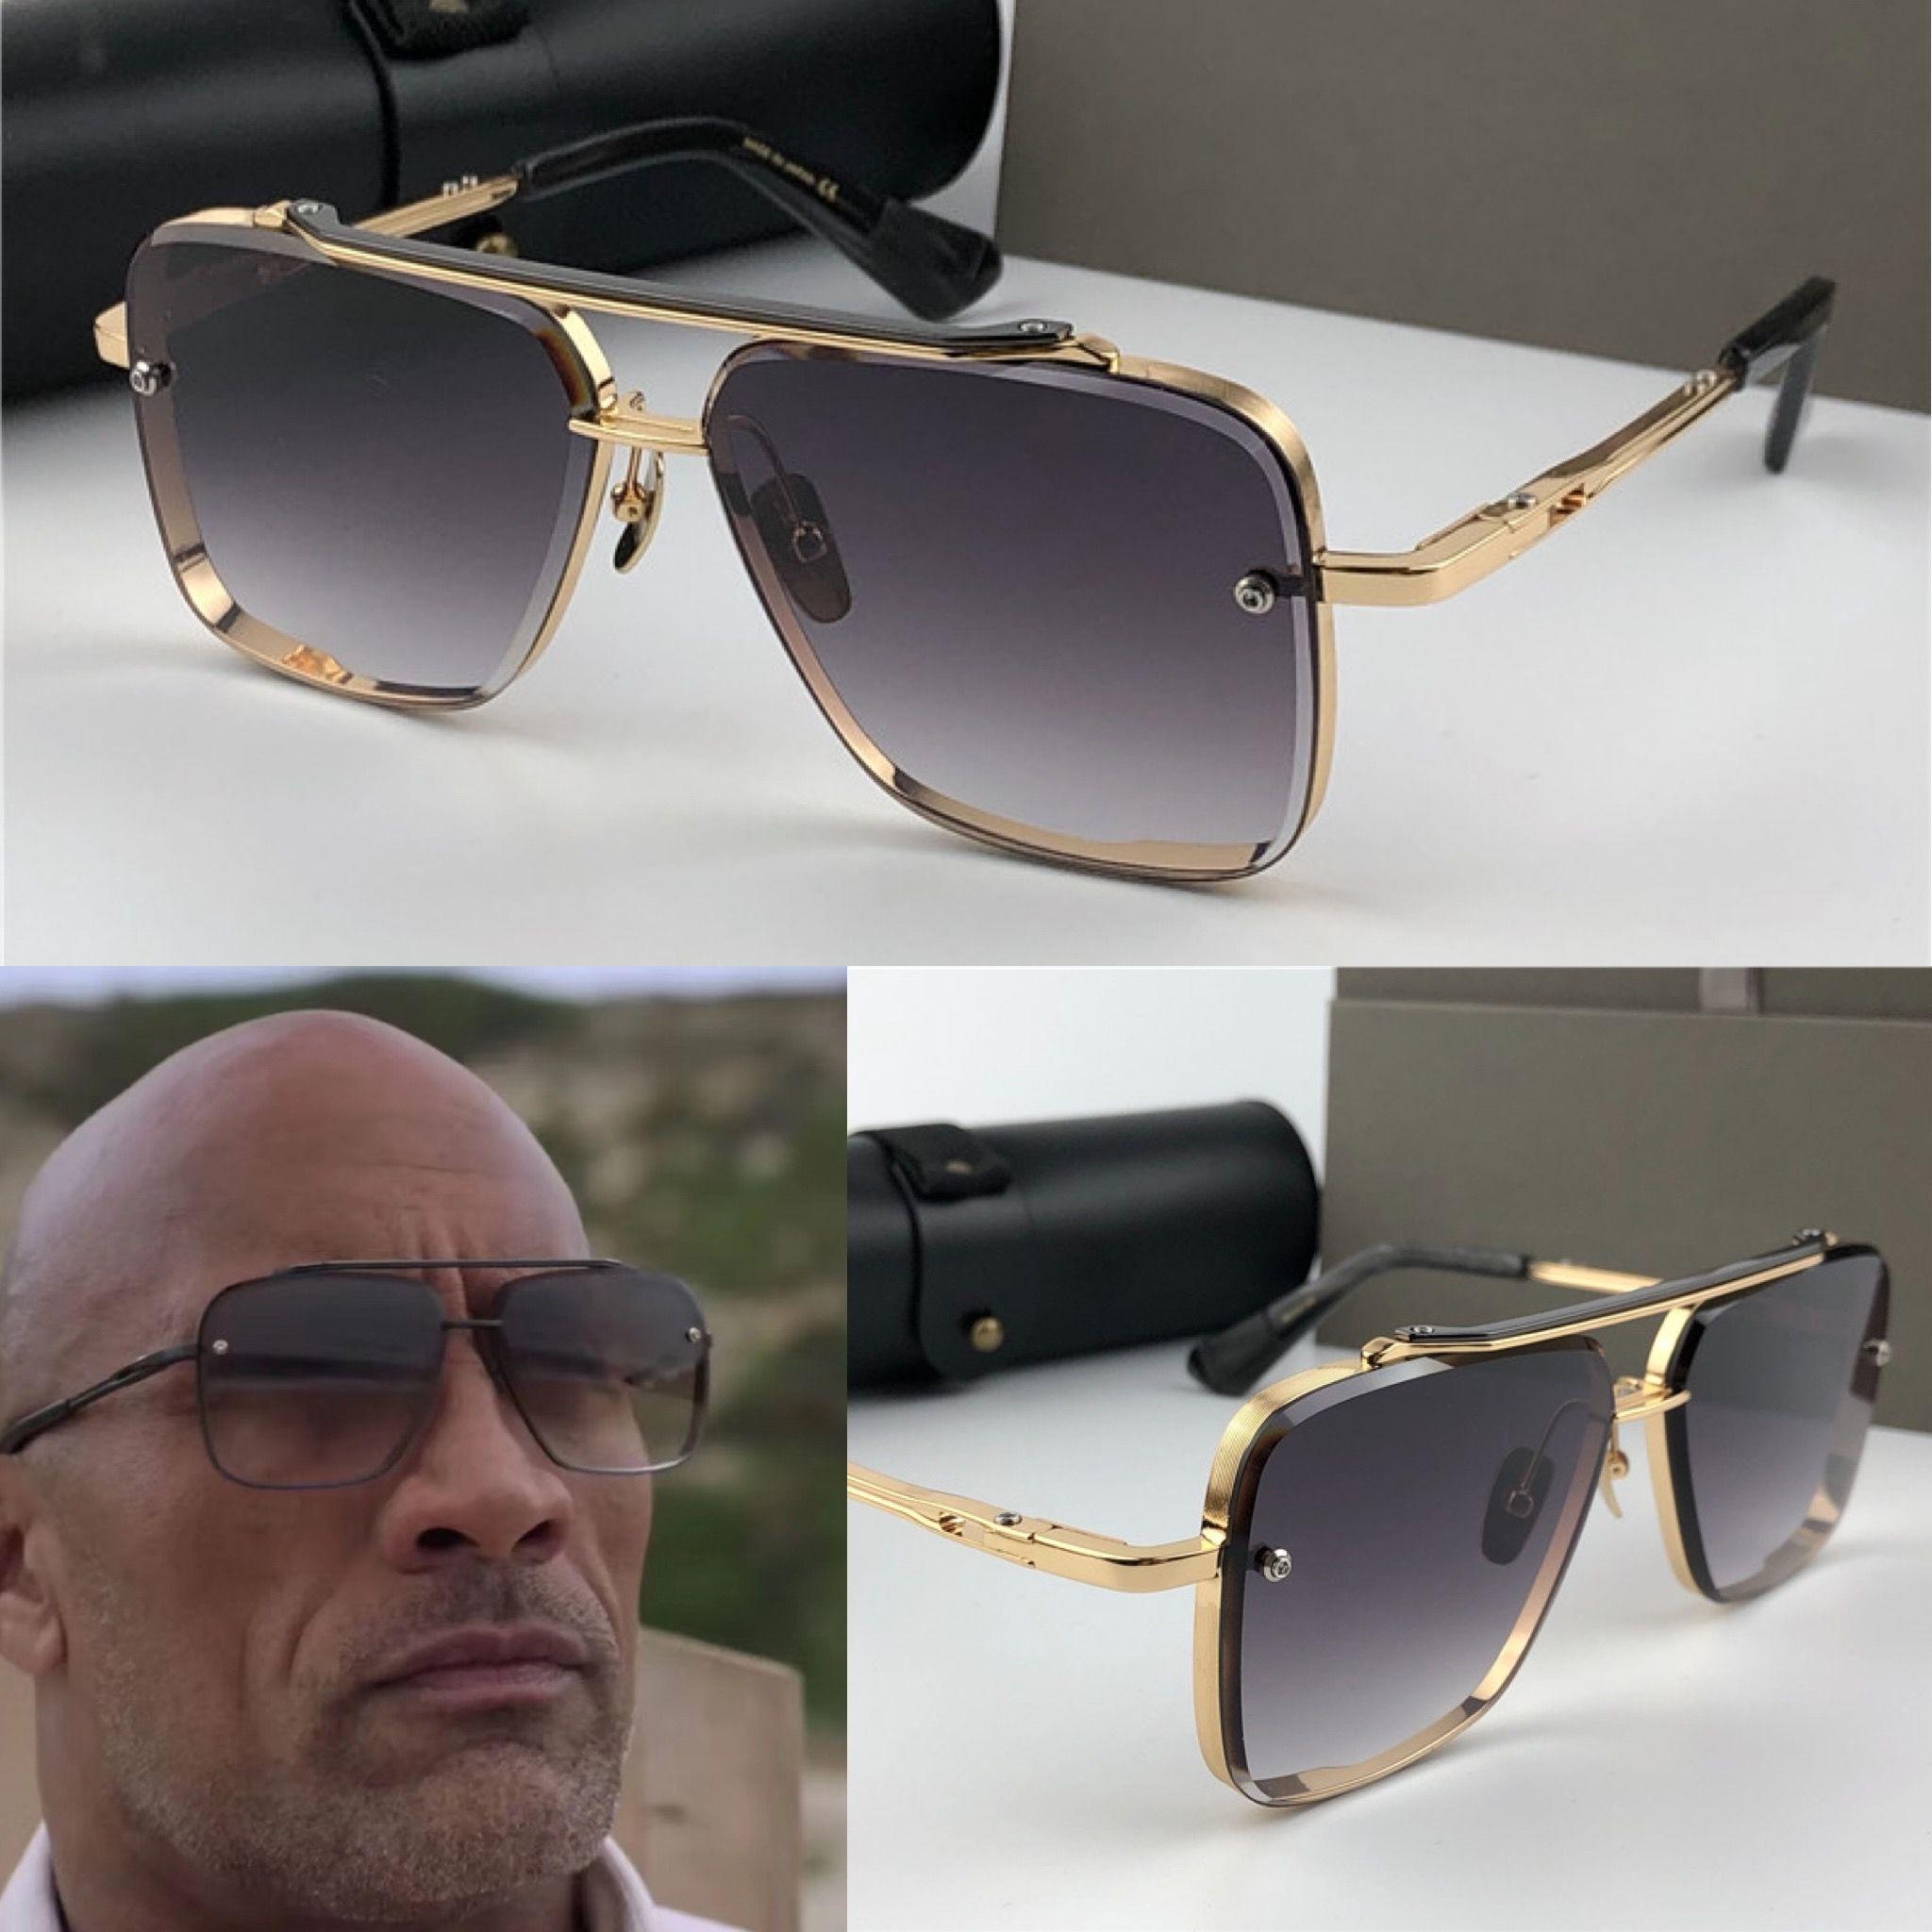 새로운 선글라스 남성 디자인 금속 빈티지 선글라스 패션 스타일 사각 틀의 UV 오리지널 케이스 (400 개) 렌즈